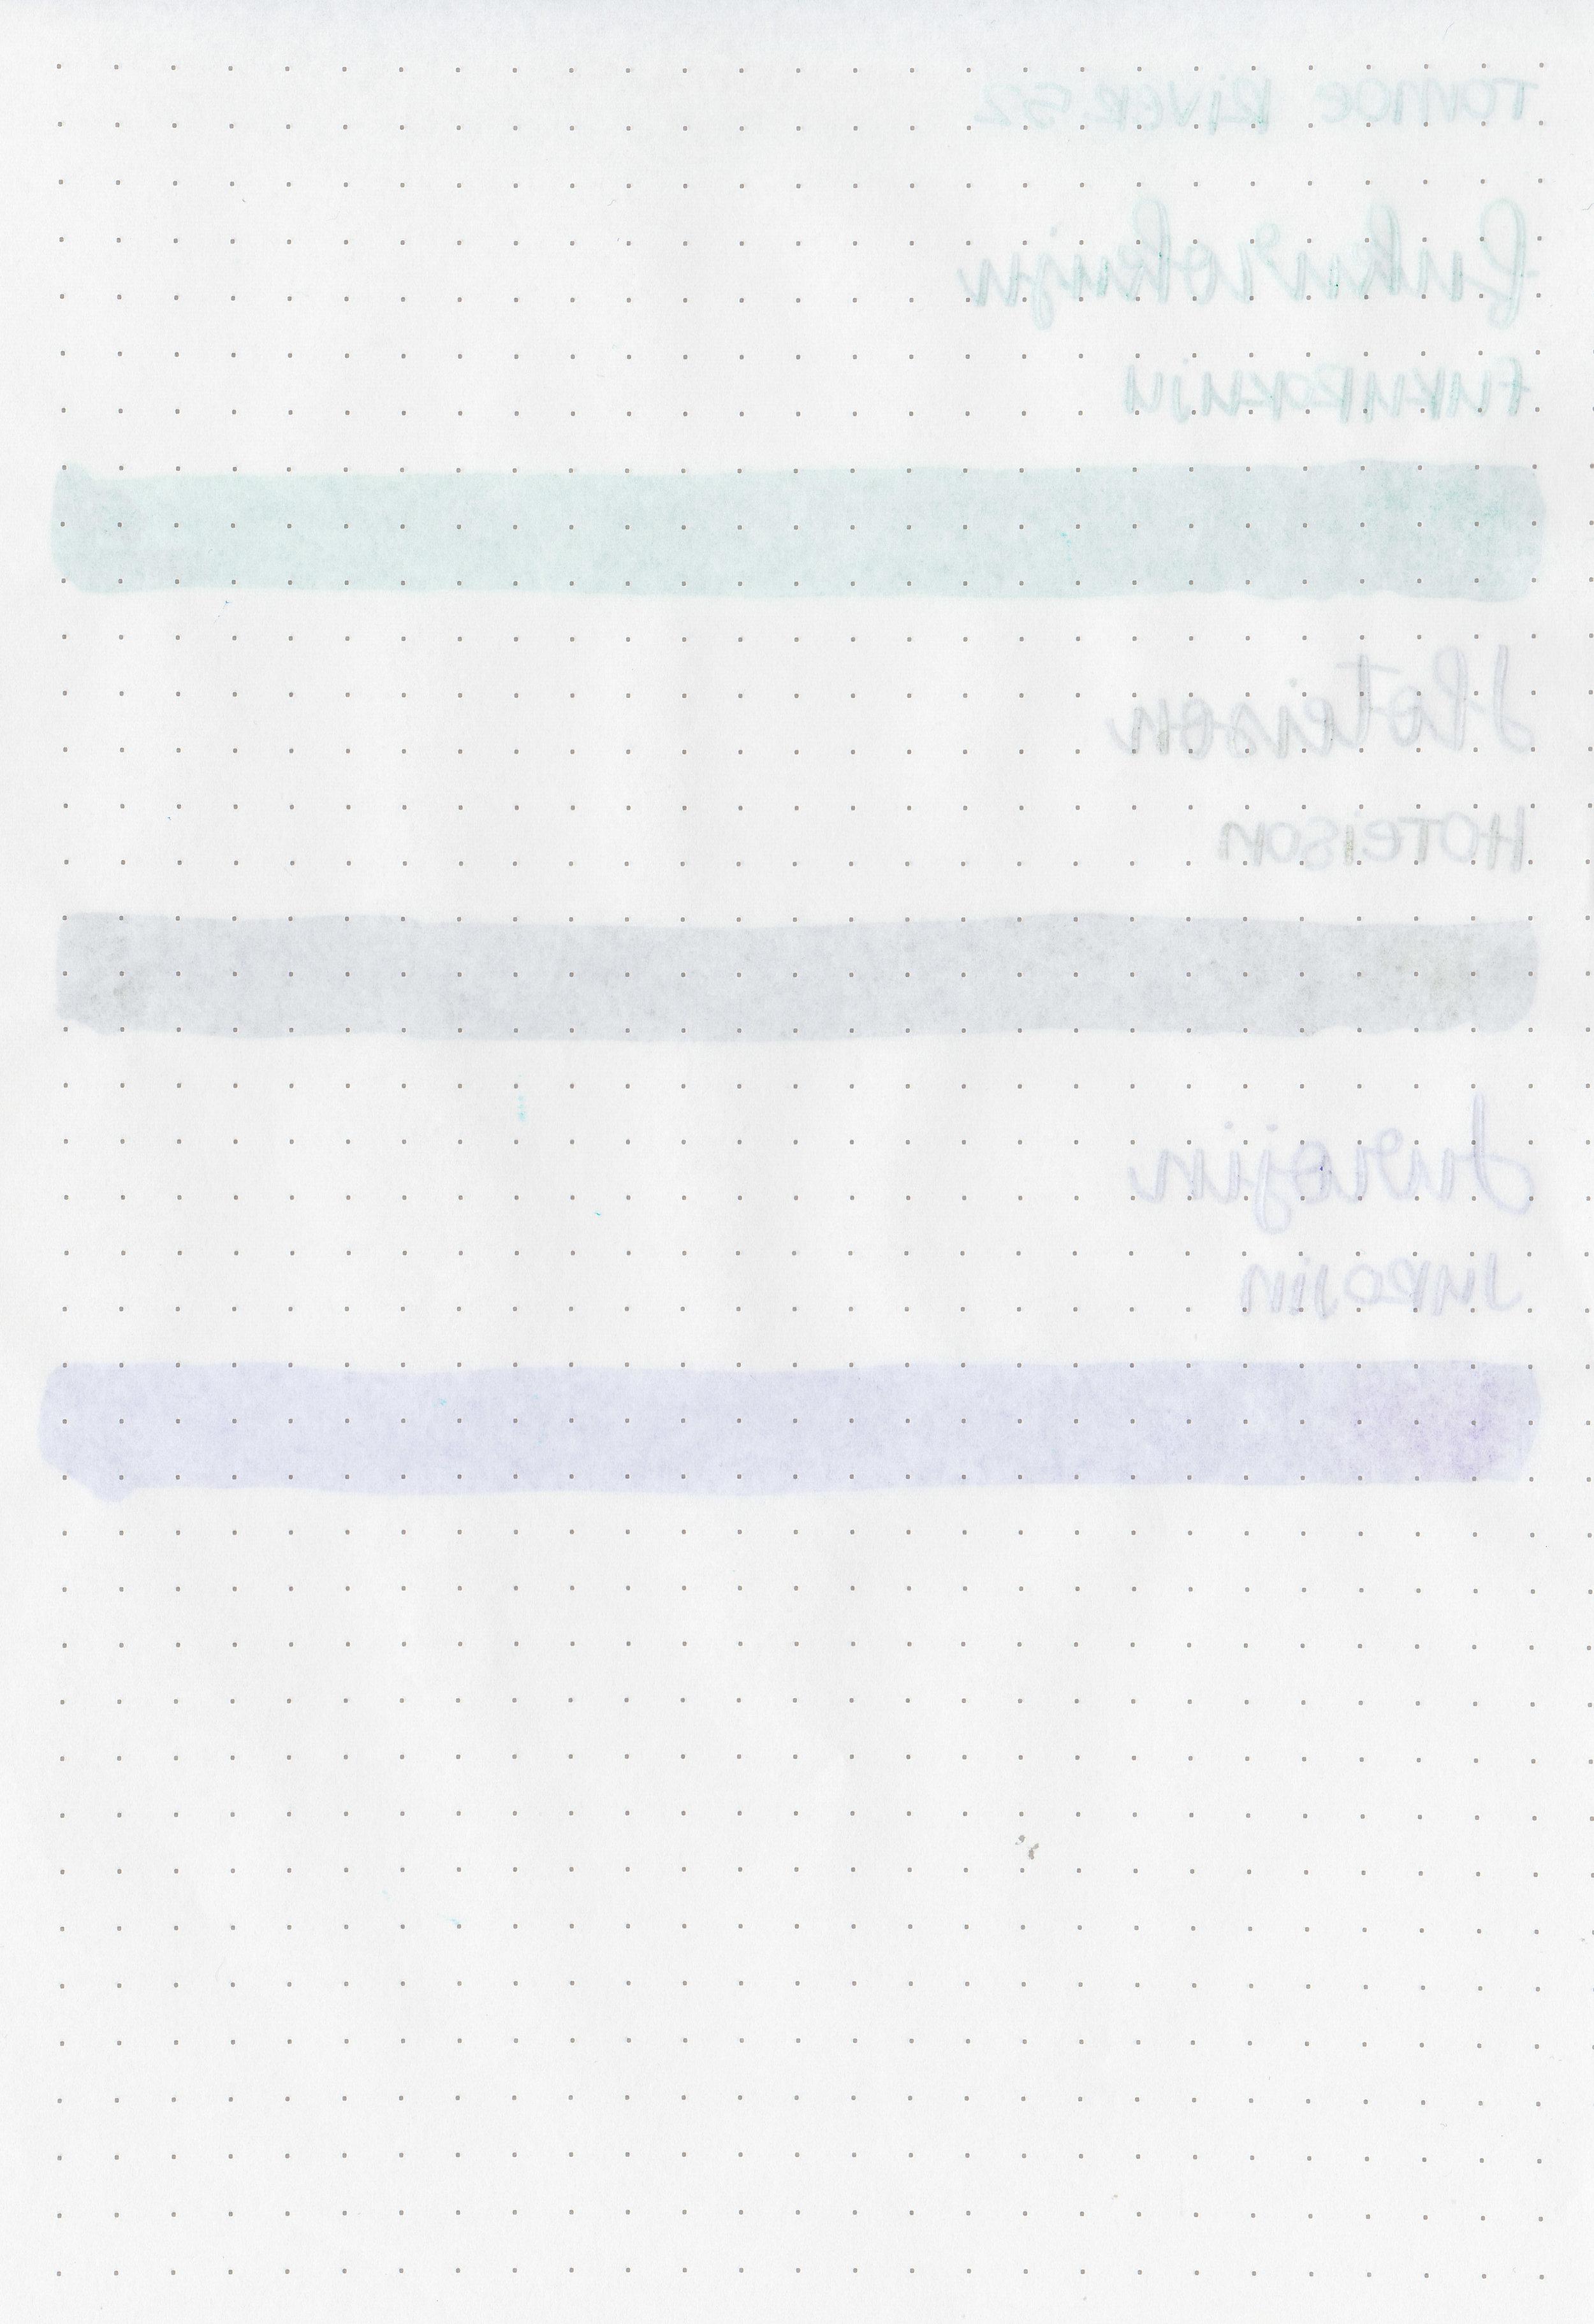 pi-100-anniv-2-9.jpg